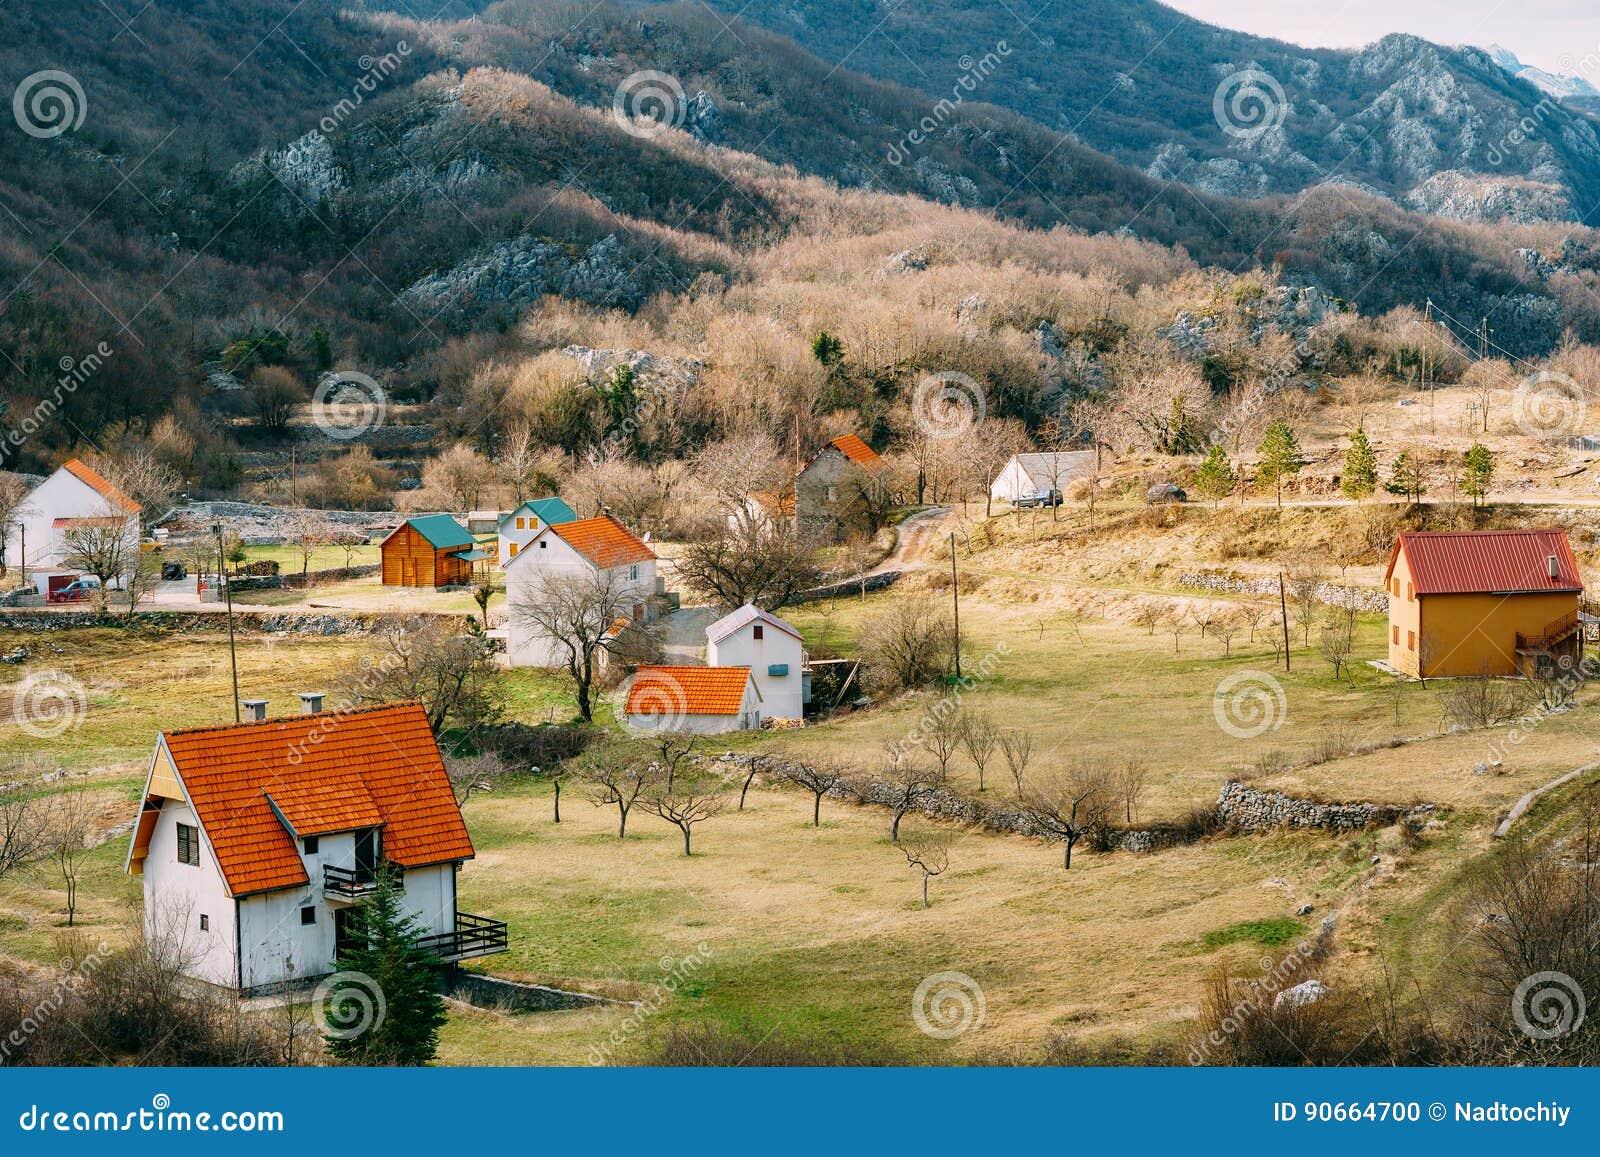 Черногория дом в горах дубай это восток